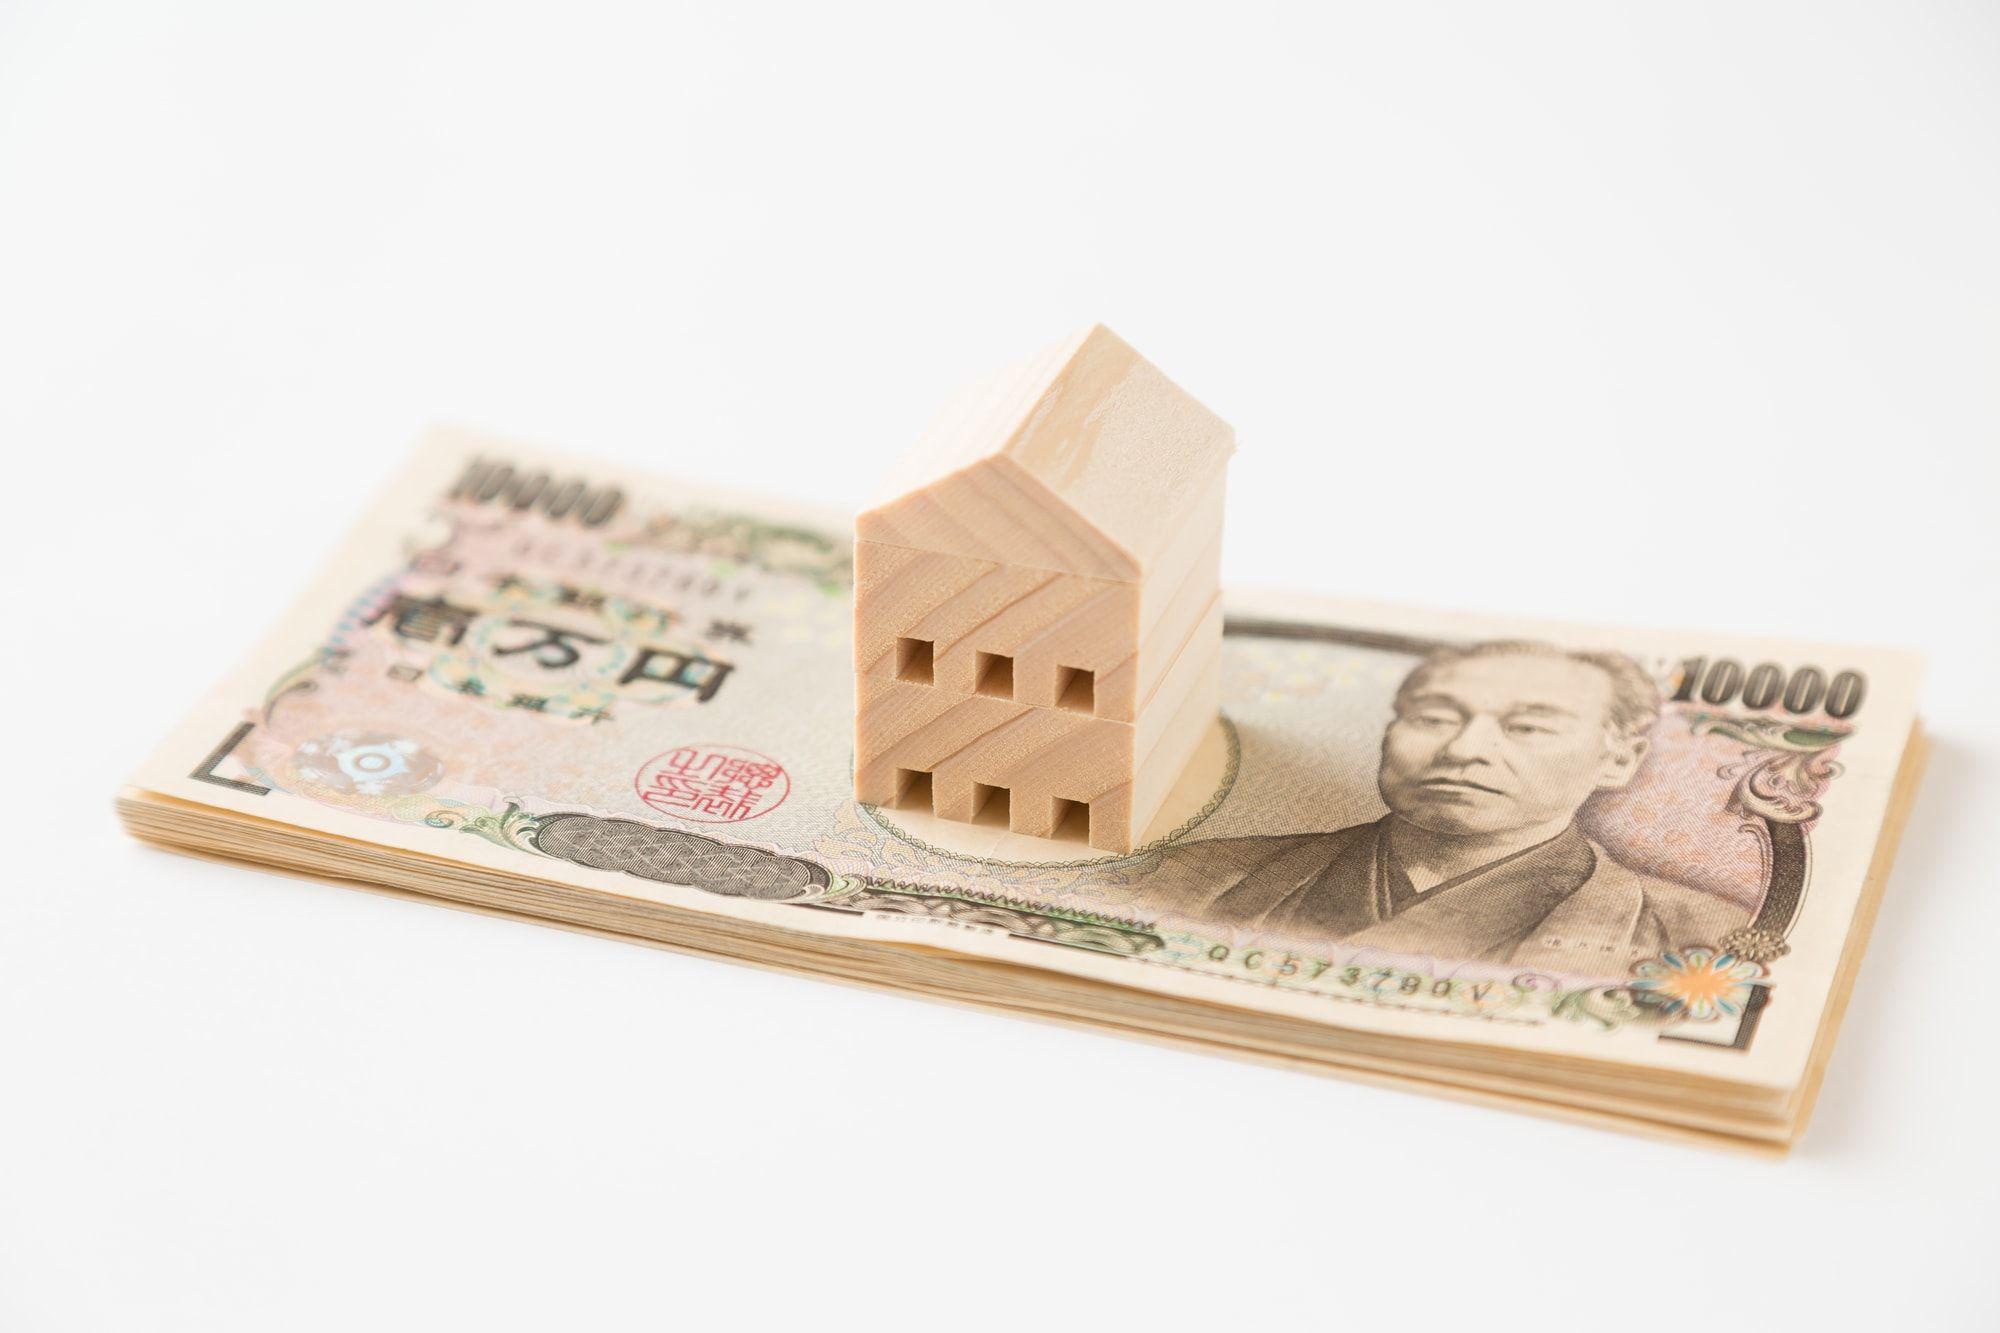 安心して2000万円の住宅ローンを返済するためのプランの考え方!借り入れ年数別に返済額を解説